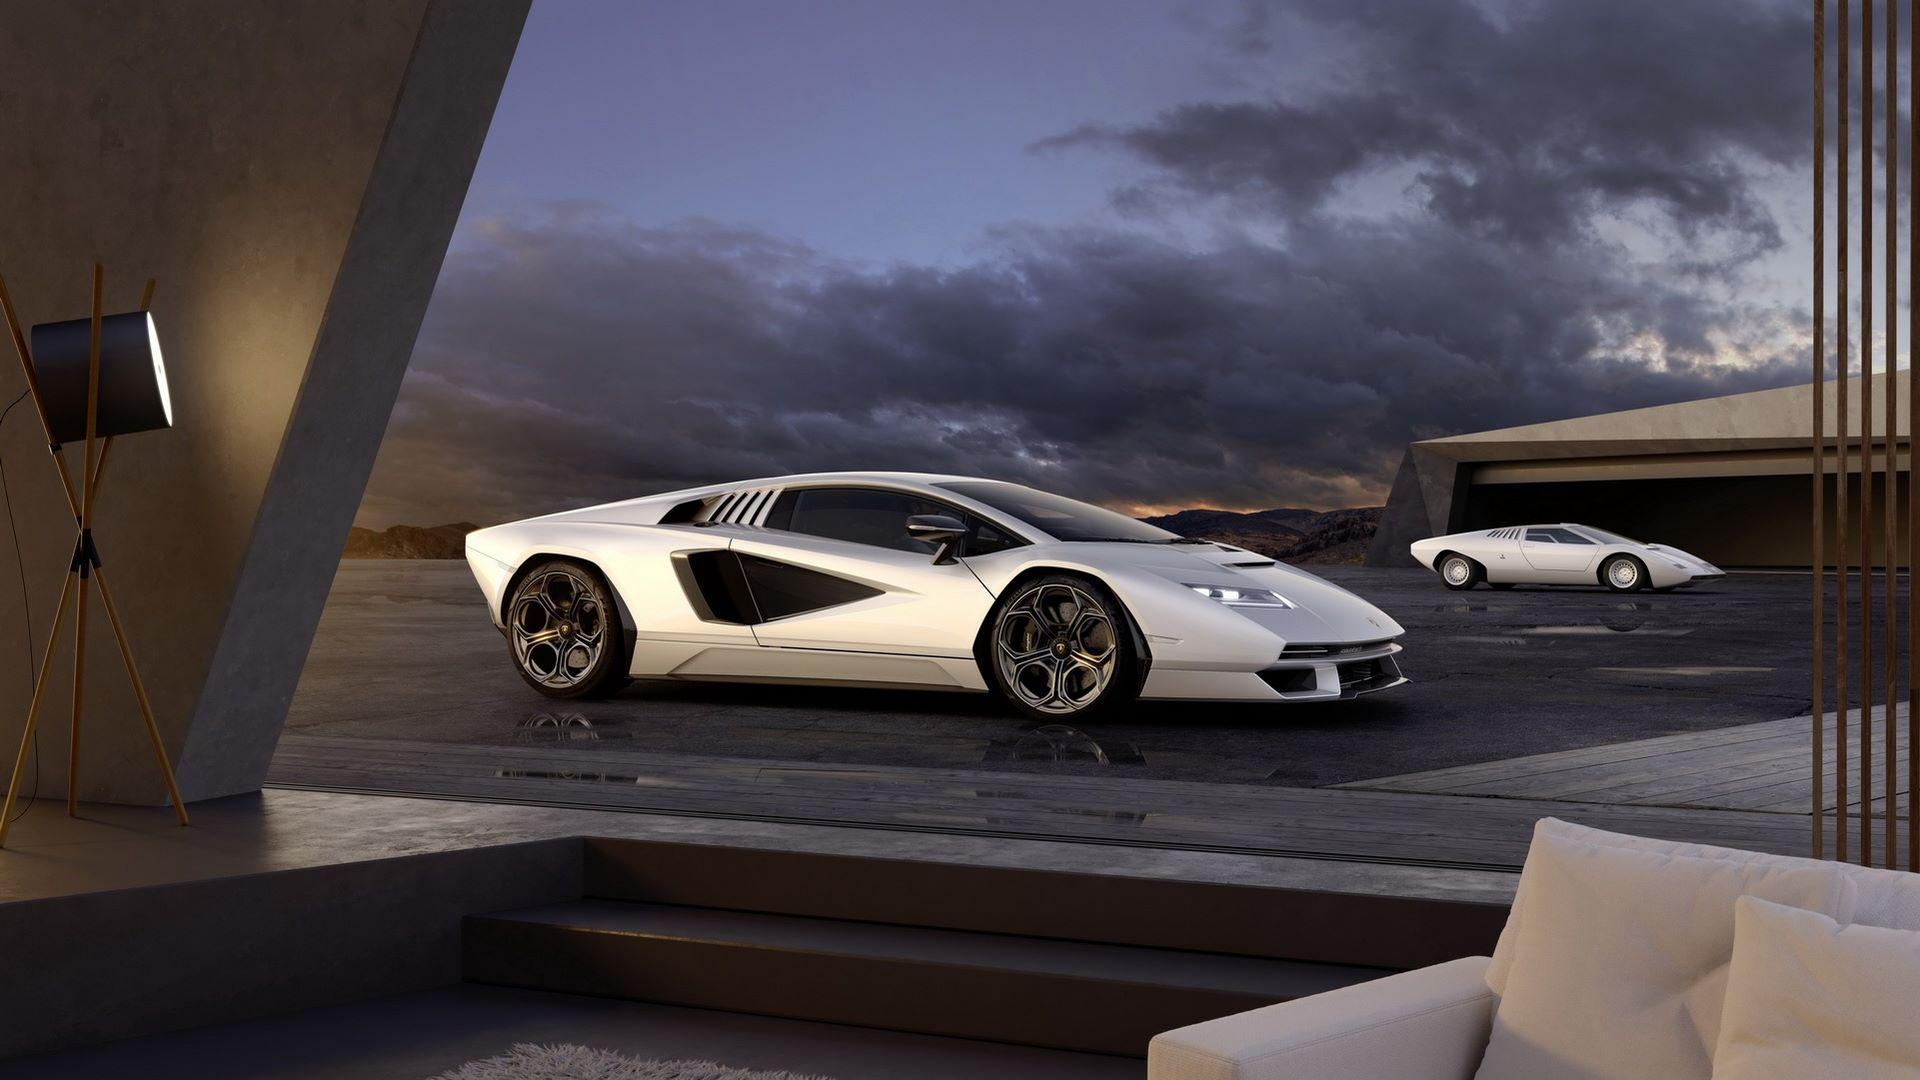 Lamborghini-Countach-LPI-800-4-32